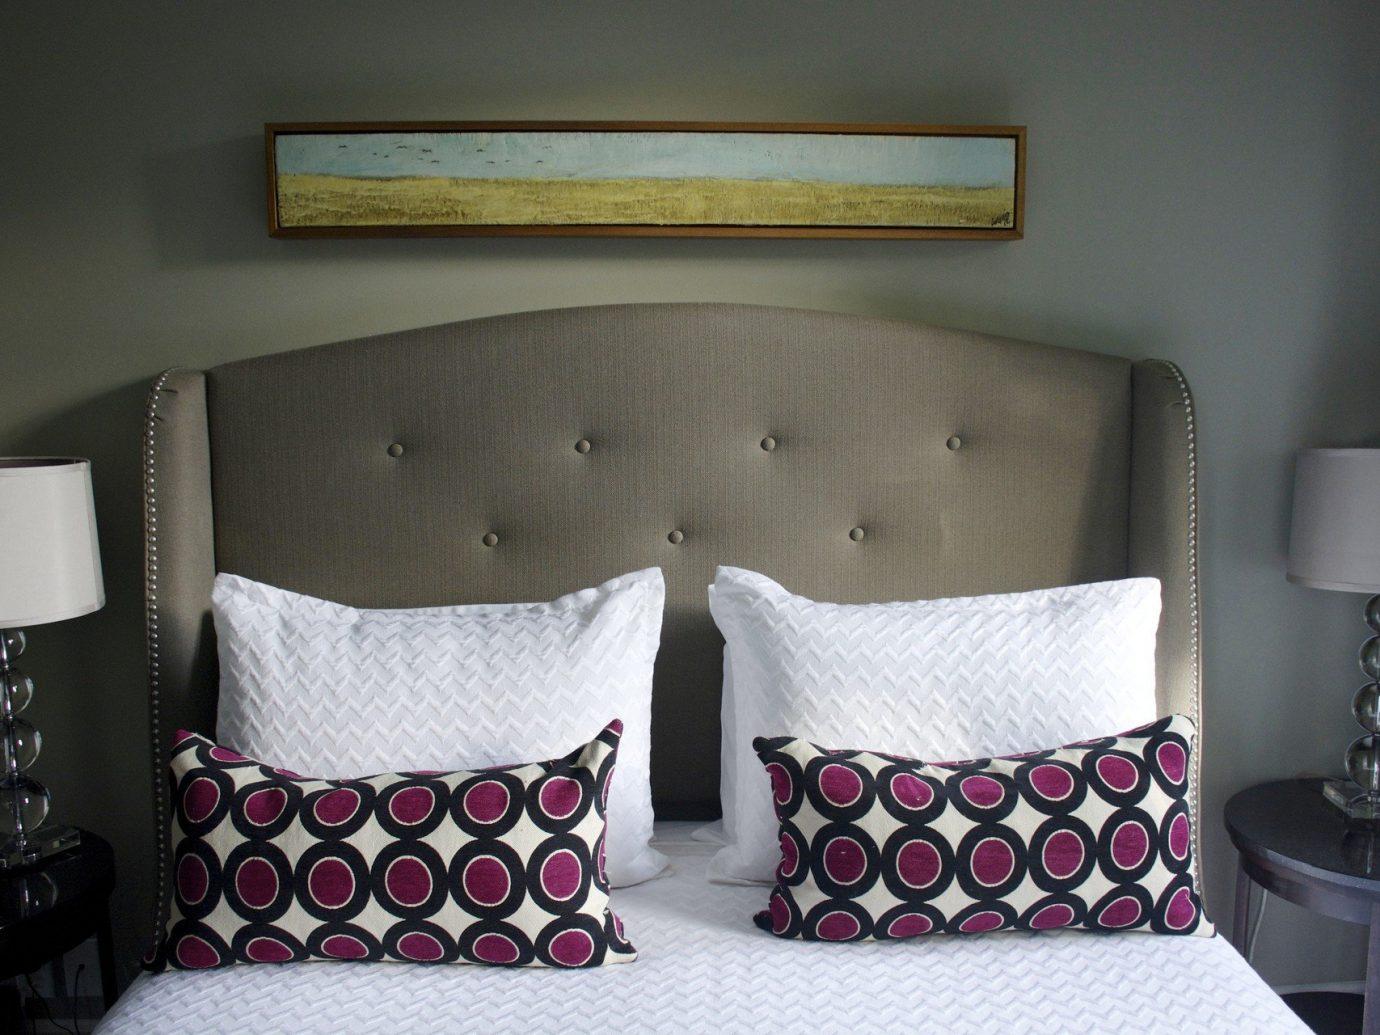 Jetsetter Guides wall indoor room furniture bed sheet interior design bed lighting Design Bedroom living room textile pattern